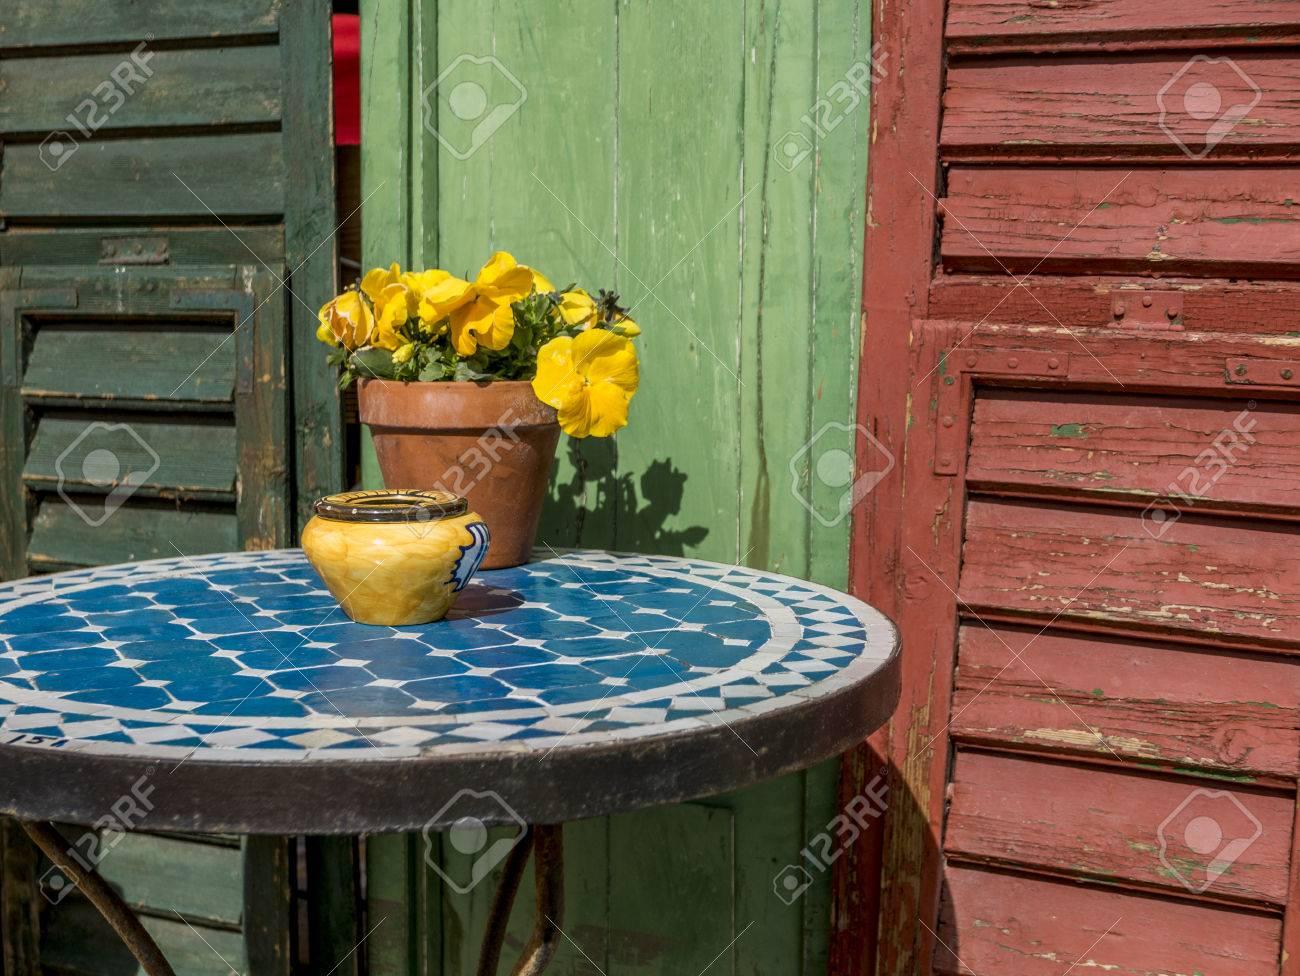 Mosaik Tisch Mit Alten Bunten Holzernen Fensterluken Lizenzfreie